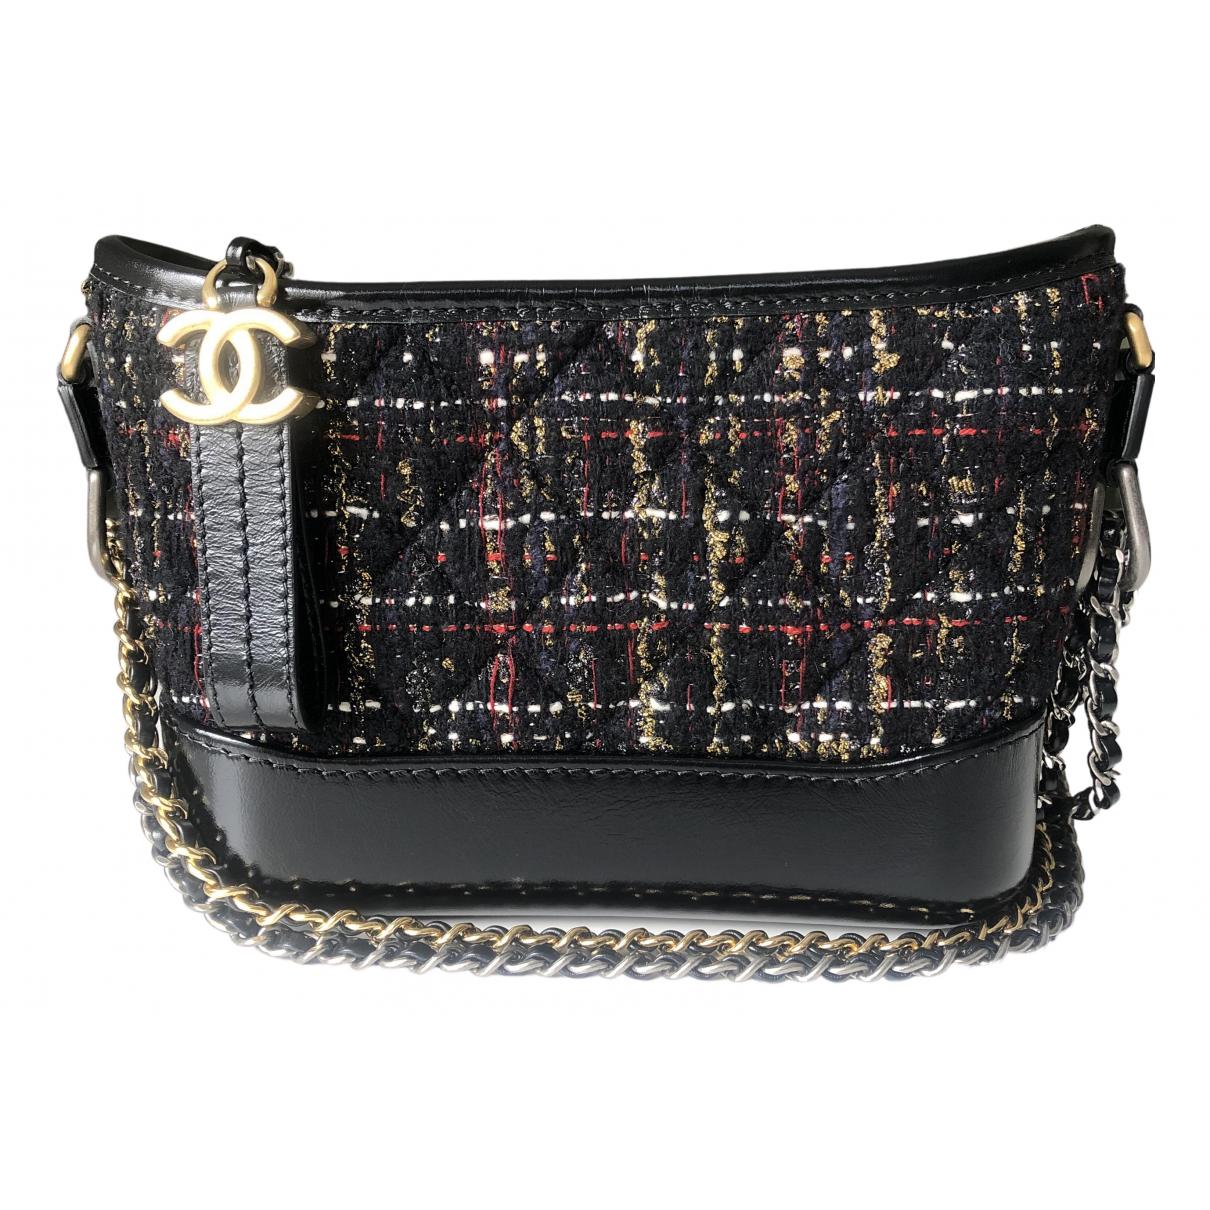 Chanel Gabrielle Handtasche in  Schwarz Tweed